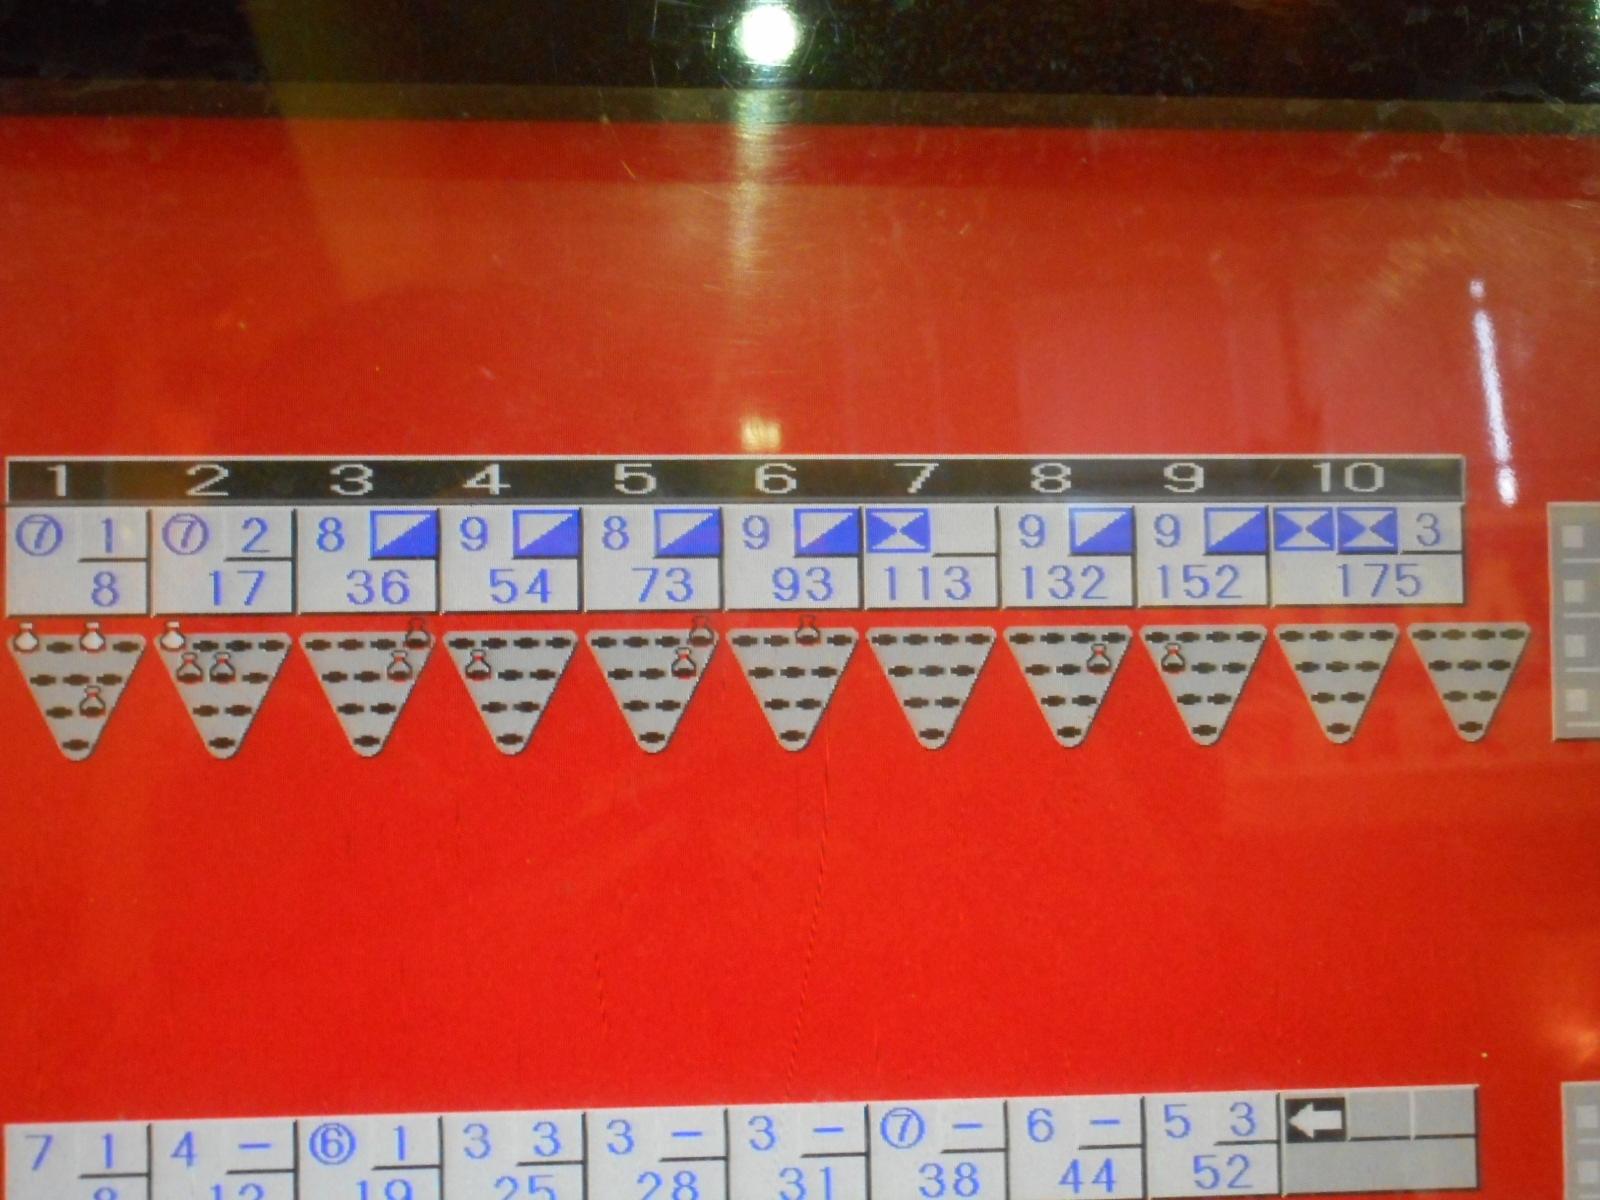 スコア表。1ゲームで175点と高得点